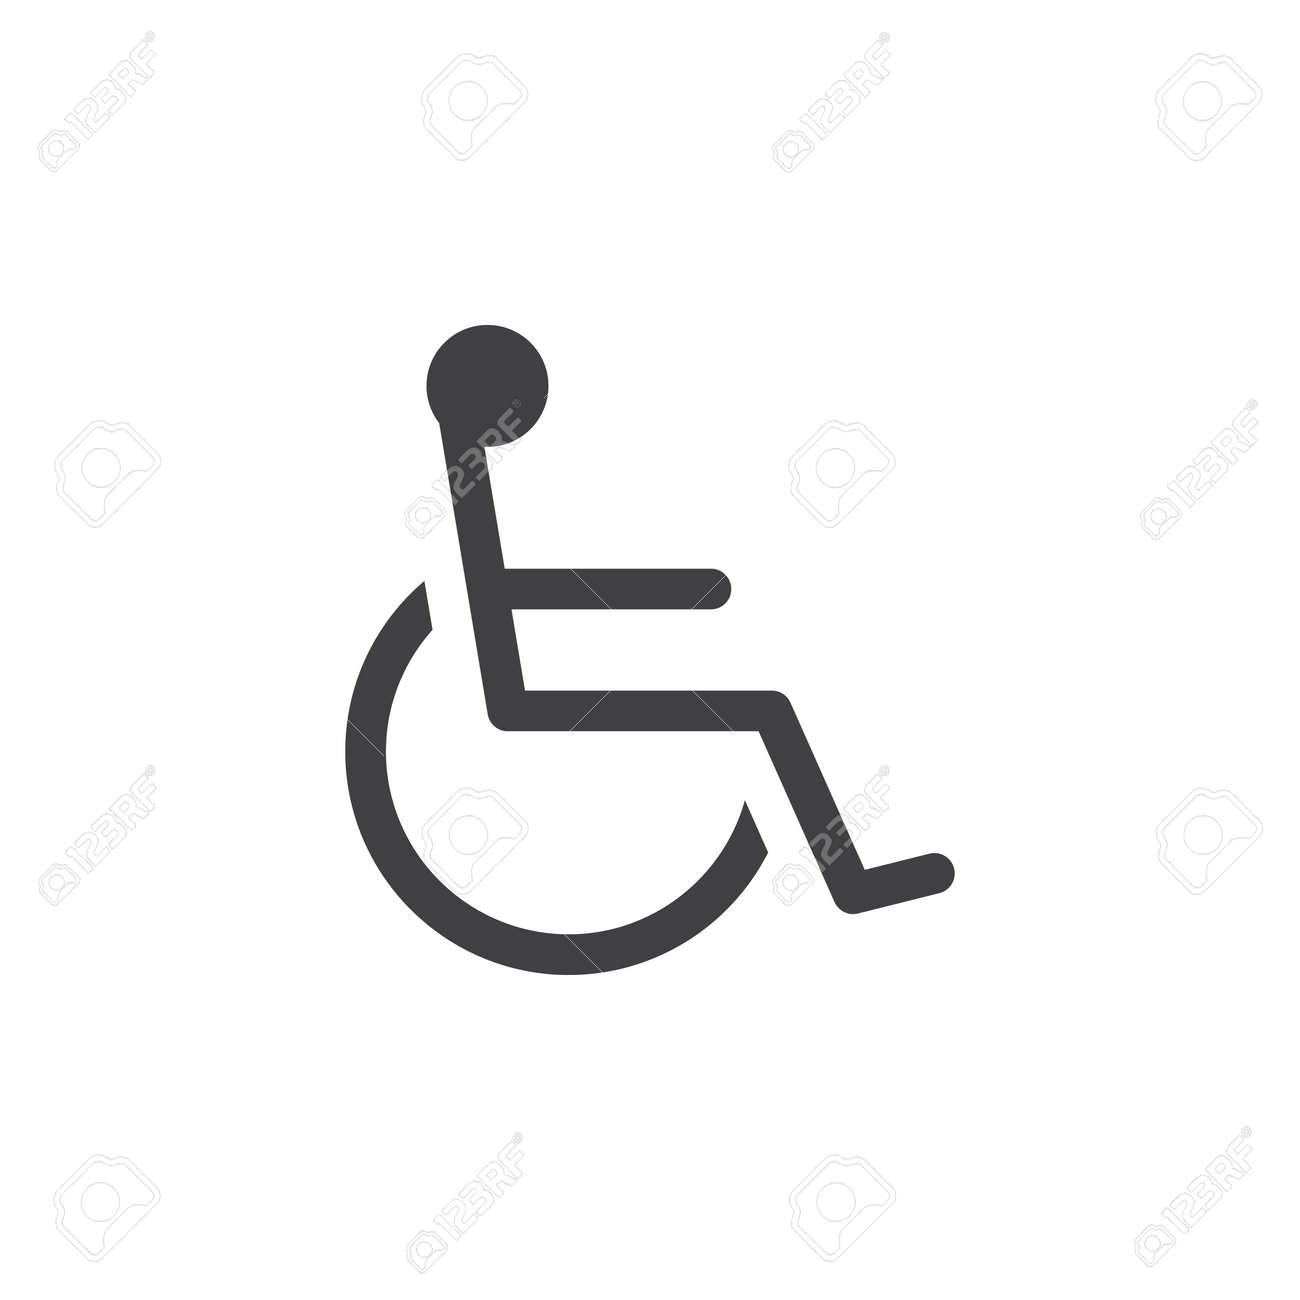 handicap symbol icon vector wheelchair solid logo illustration